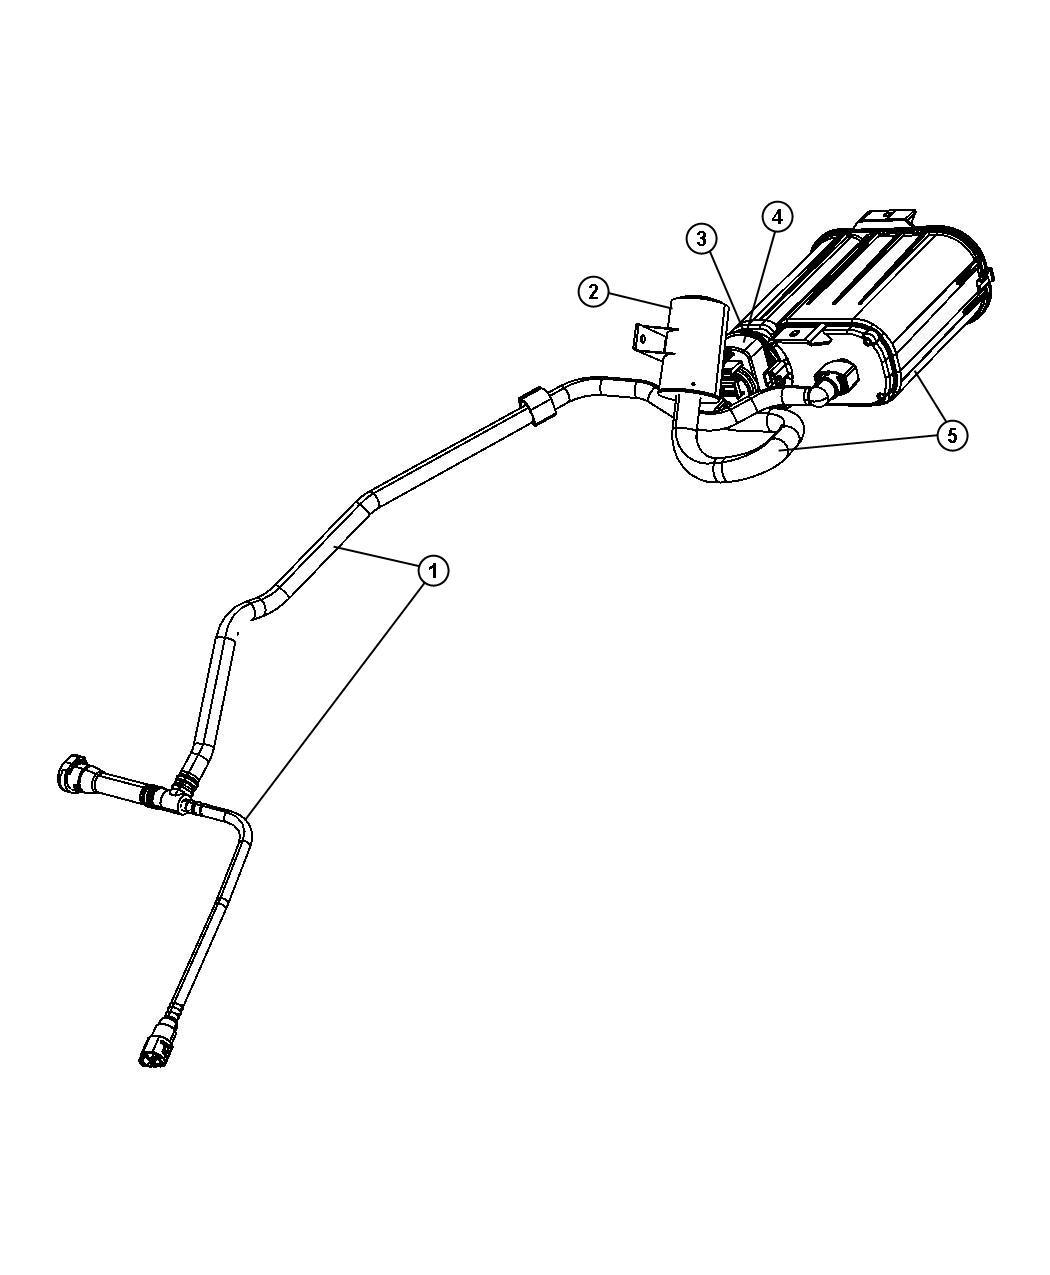 Dodge Avenger Filter. Fuel vapor vent. Canister, pump